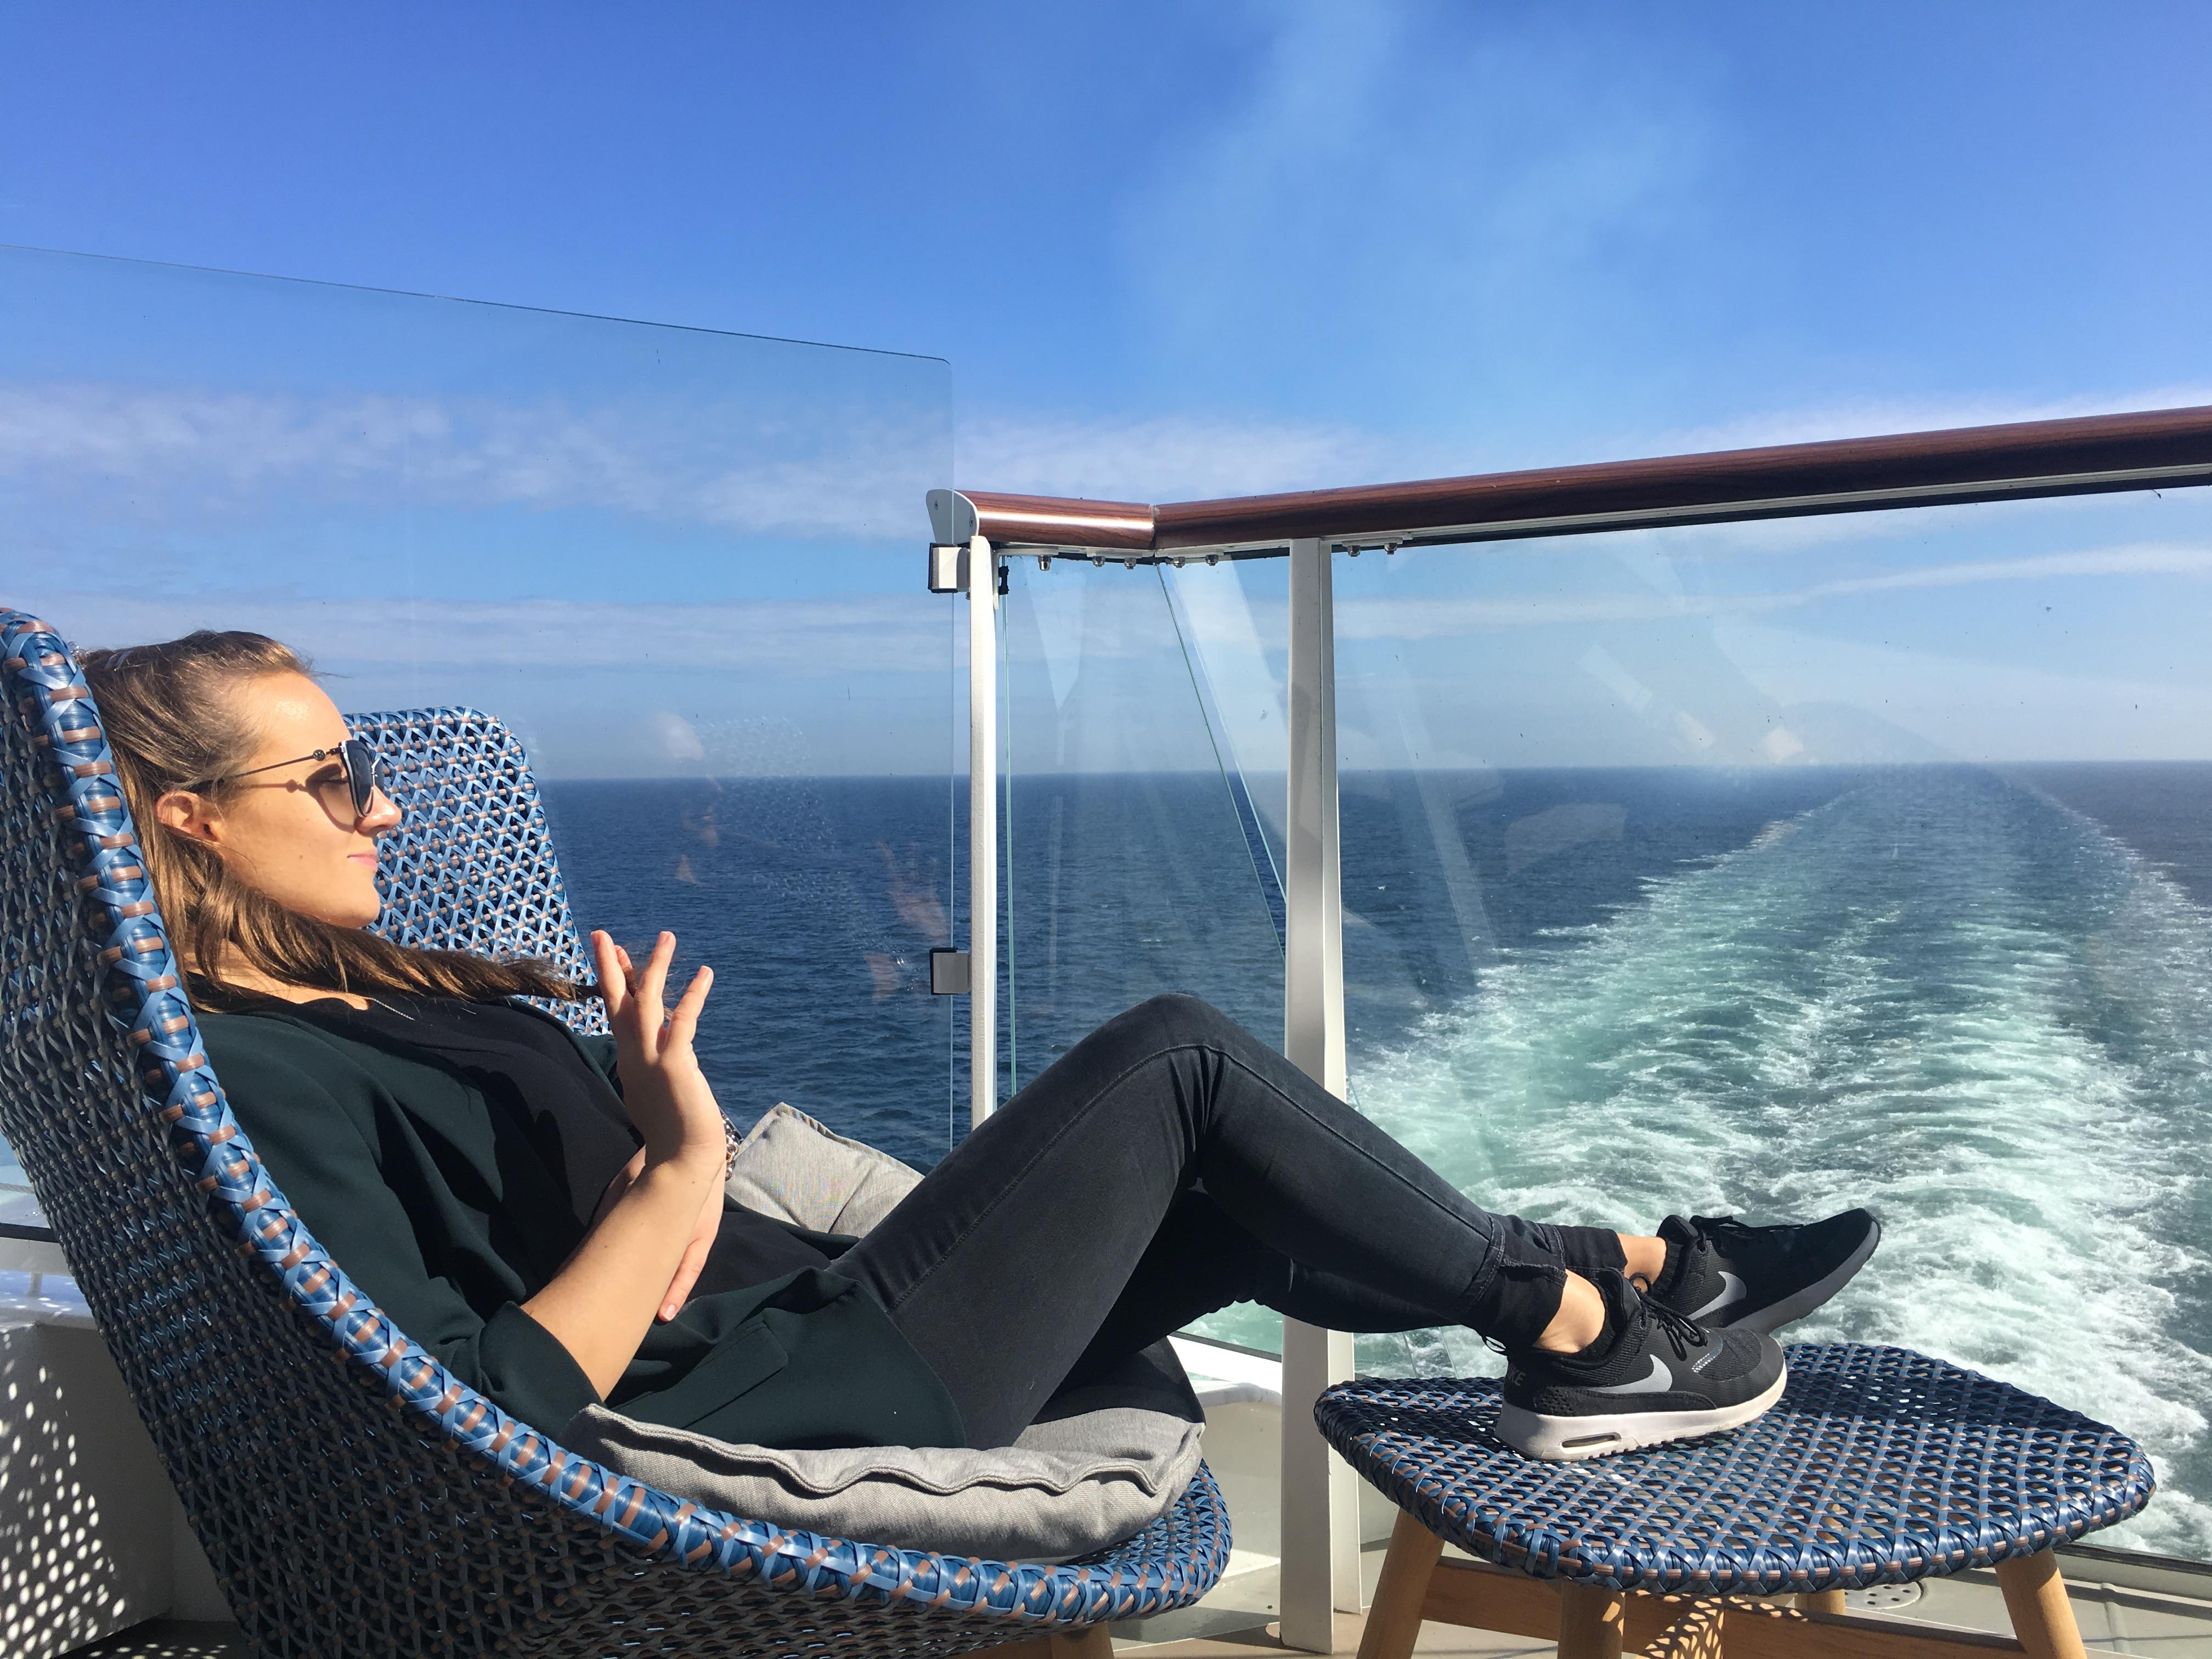 Unterwegs auf der neuen MEIN SCHIFF 1   Meine Erfahrungen... uncategorized tui cruises reisebericht kreuzfahrt  Foto 05.05.18 11 24 33 1